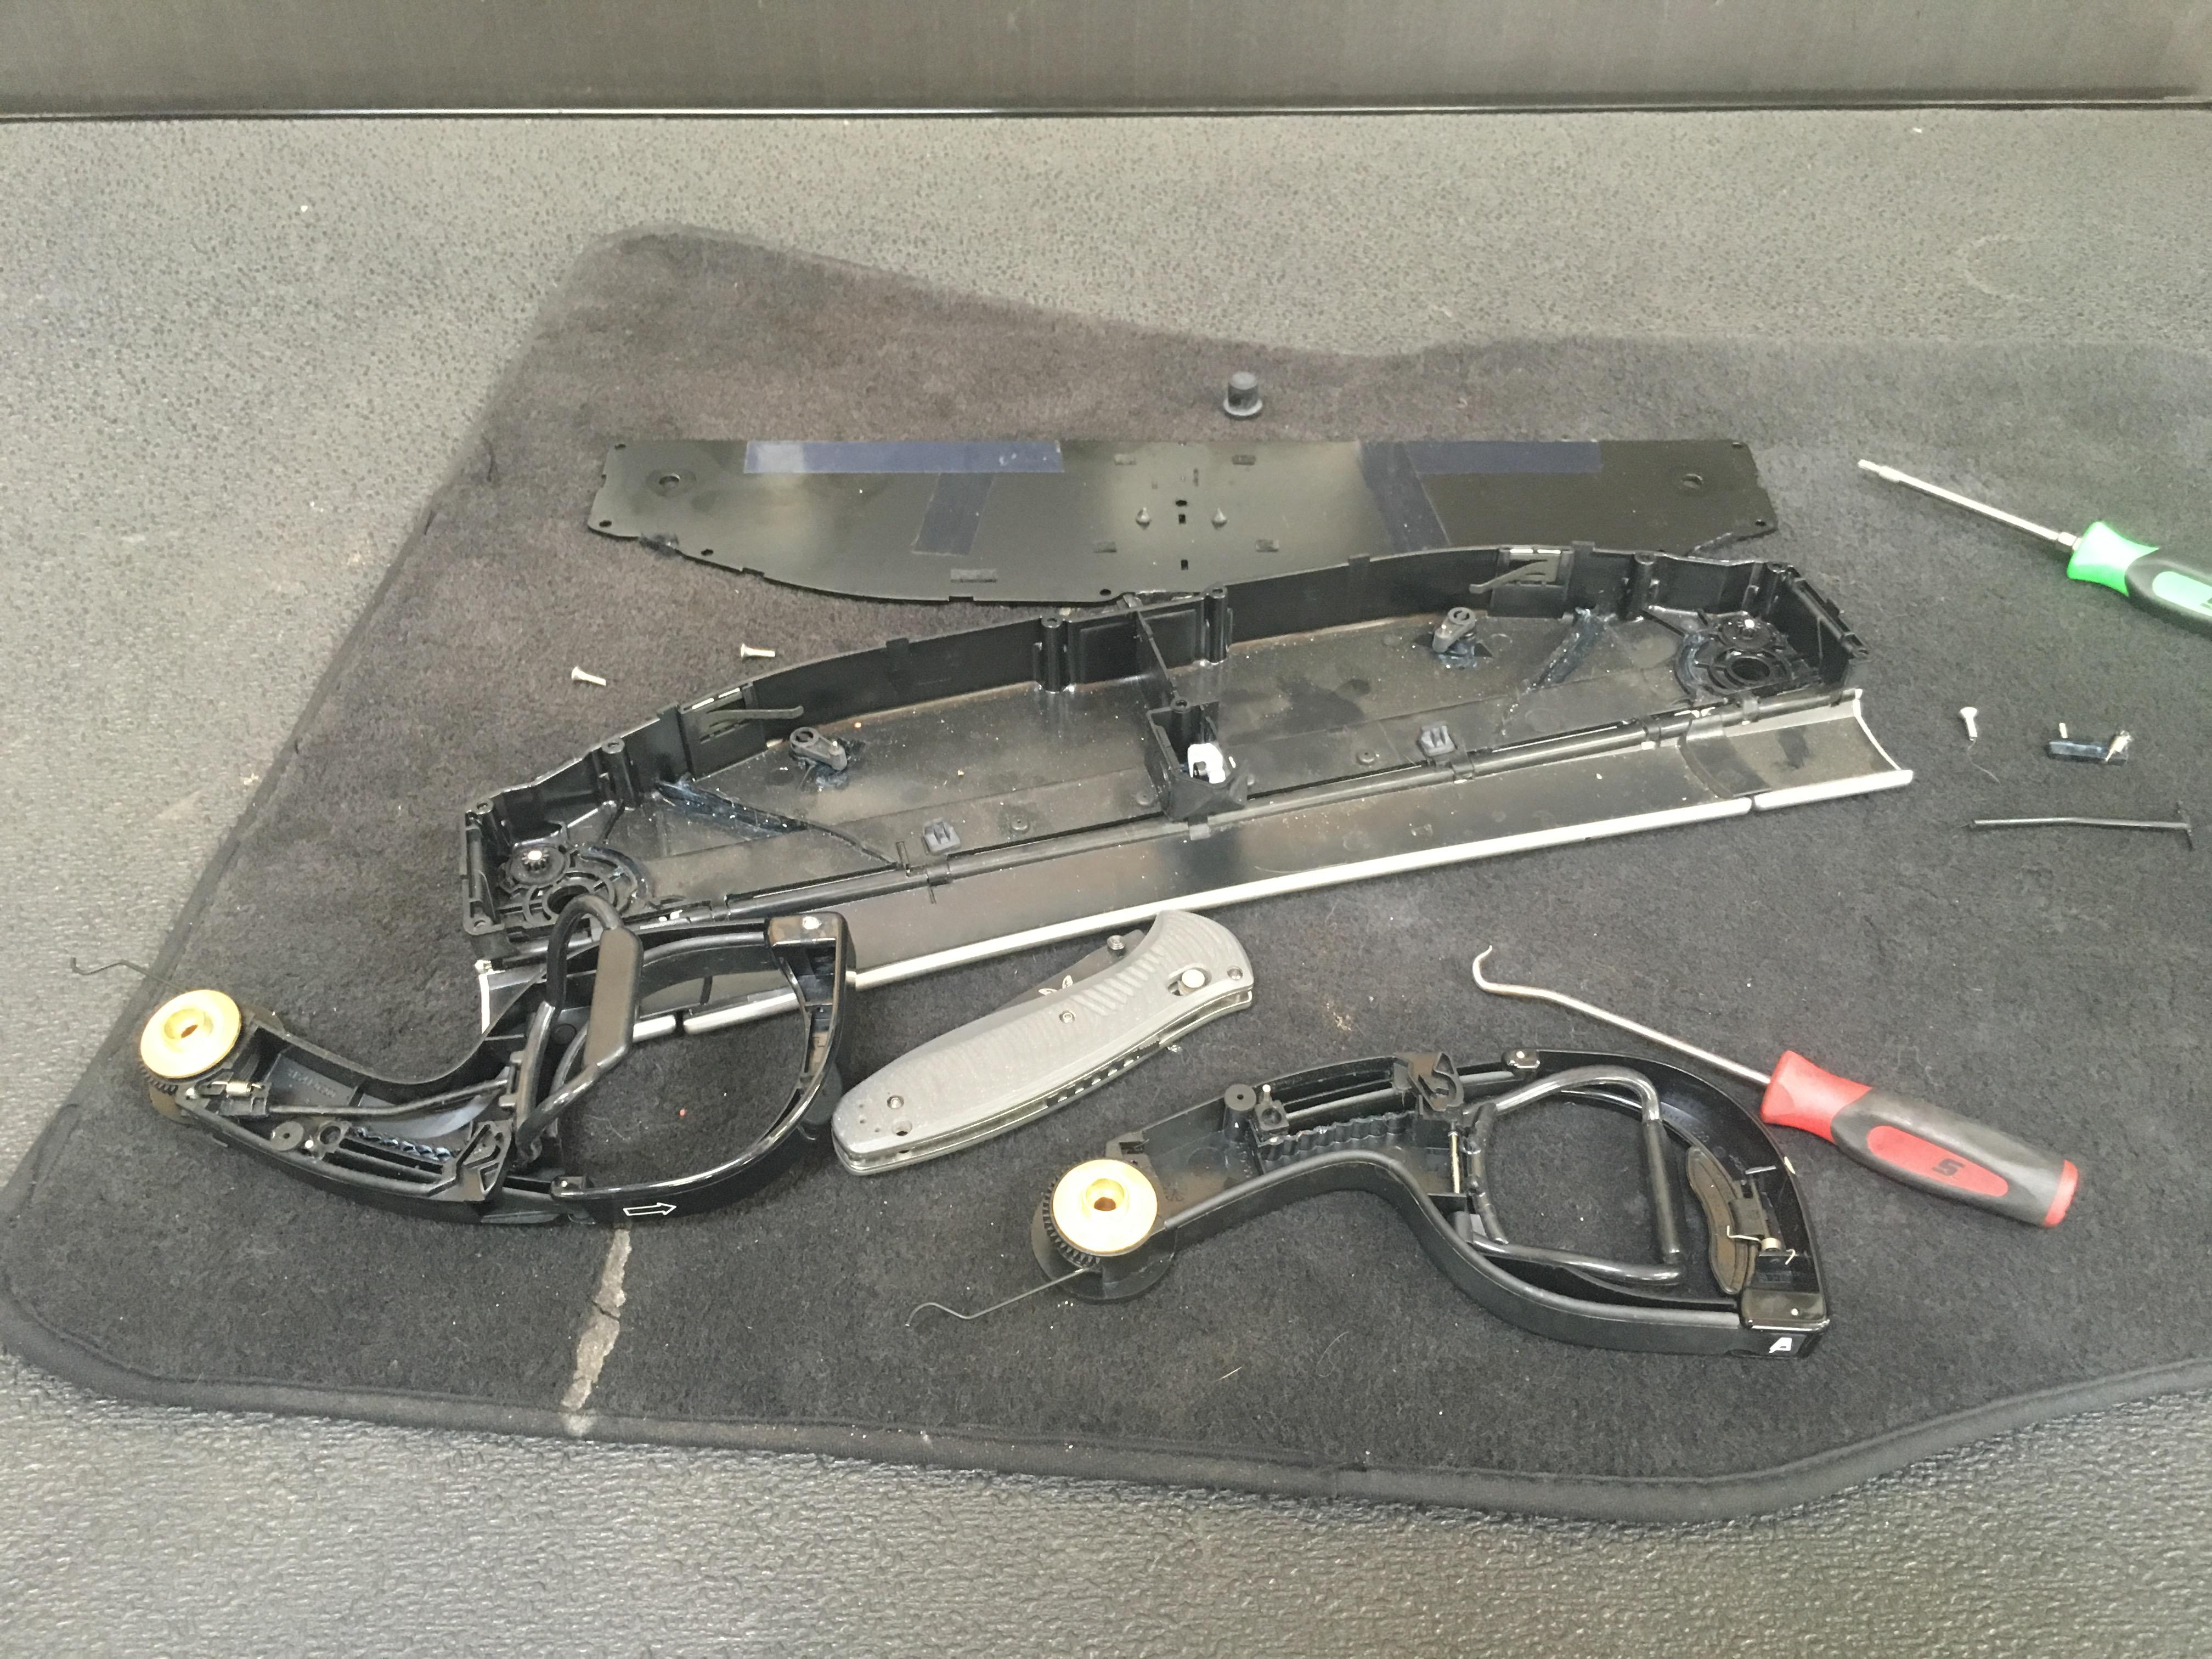 DIY Porsche 911 cupholder repair